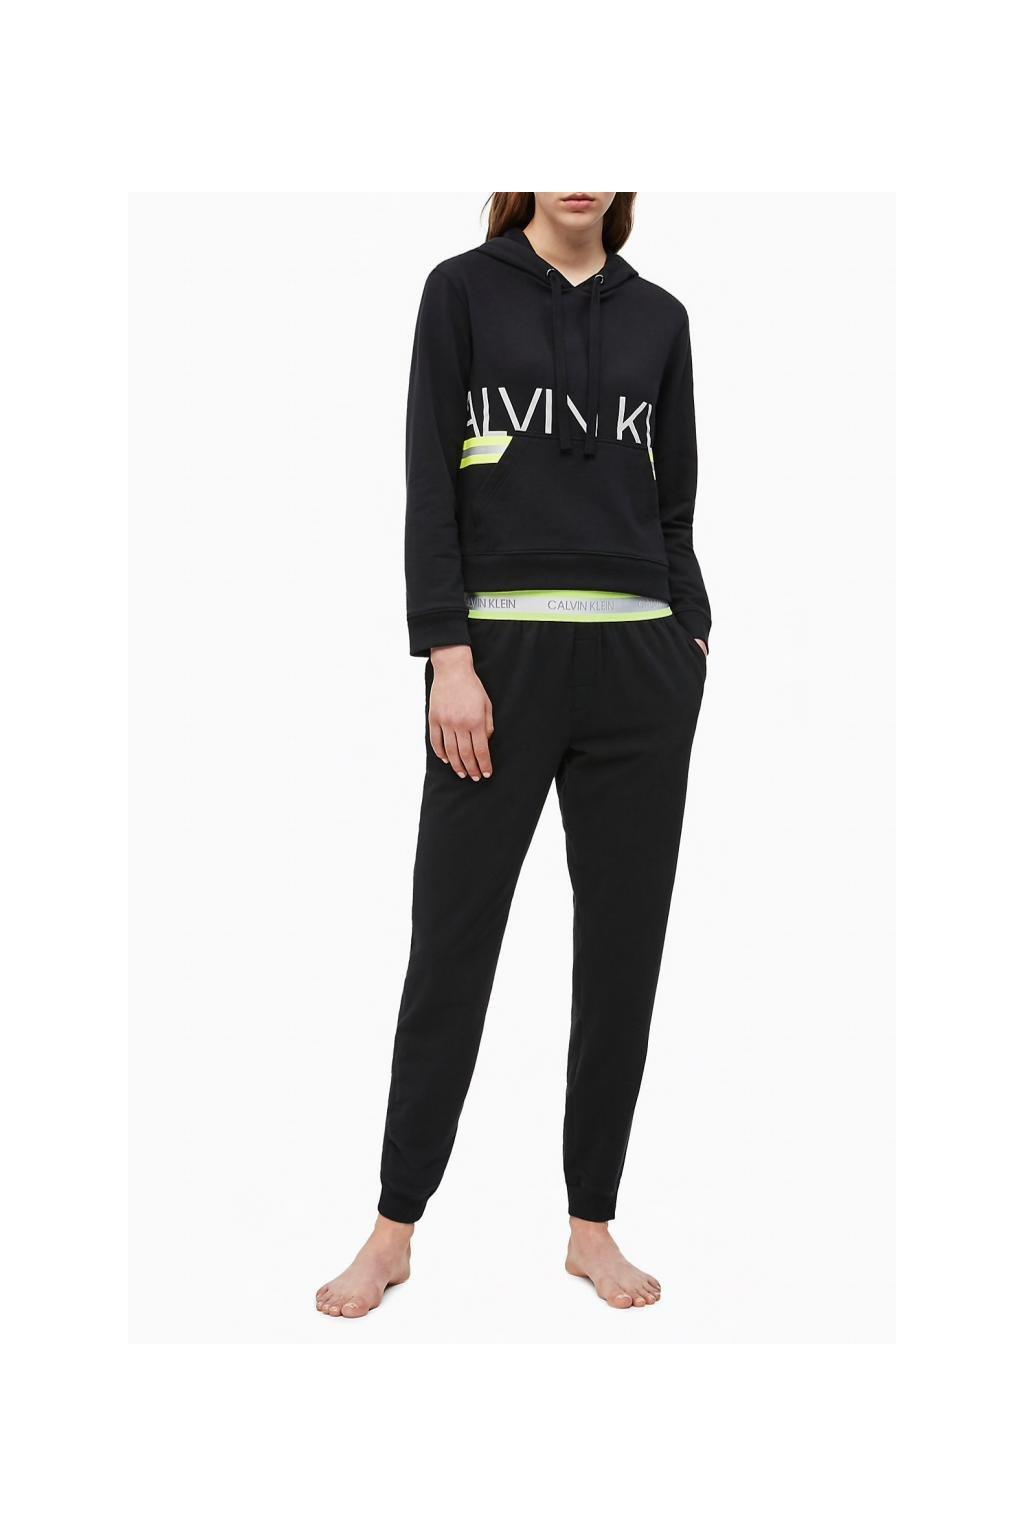 Calvin Klein NEON dámské tepláky - černé